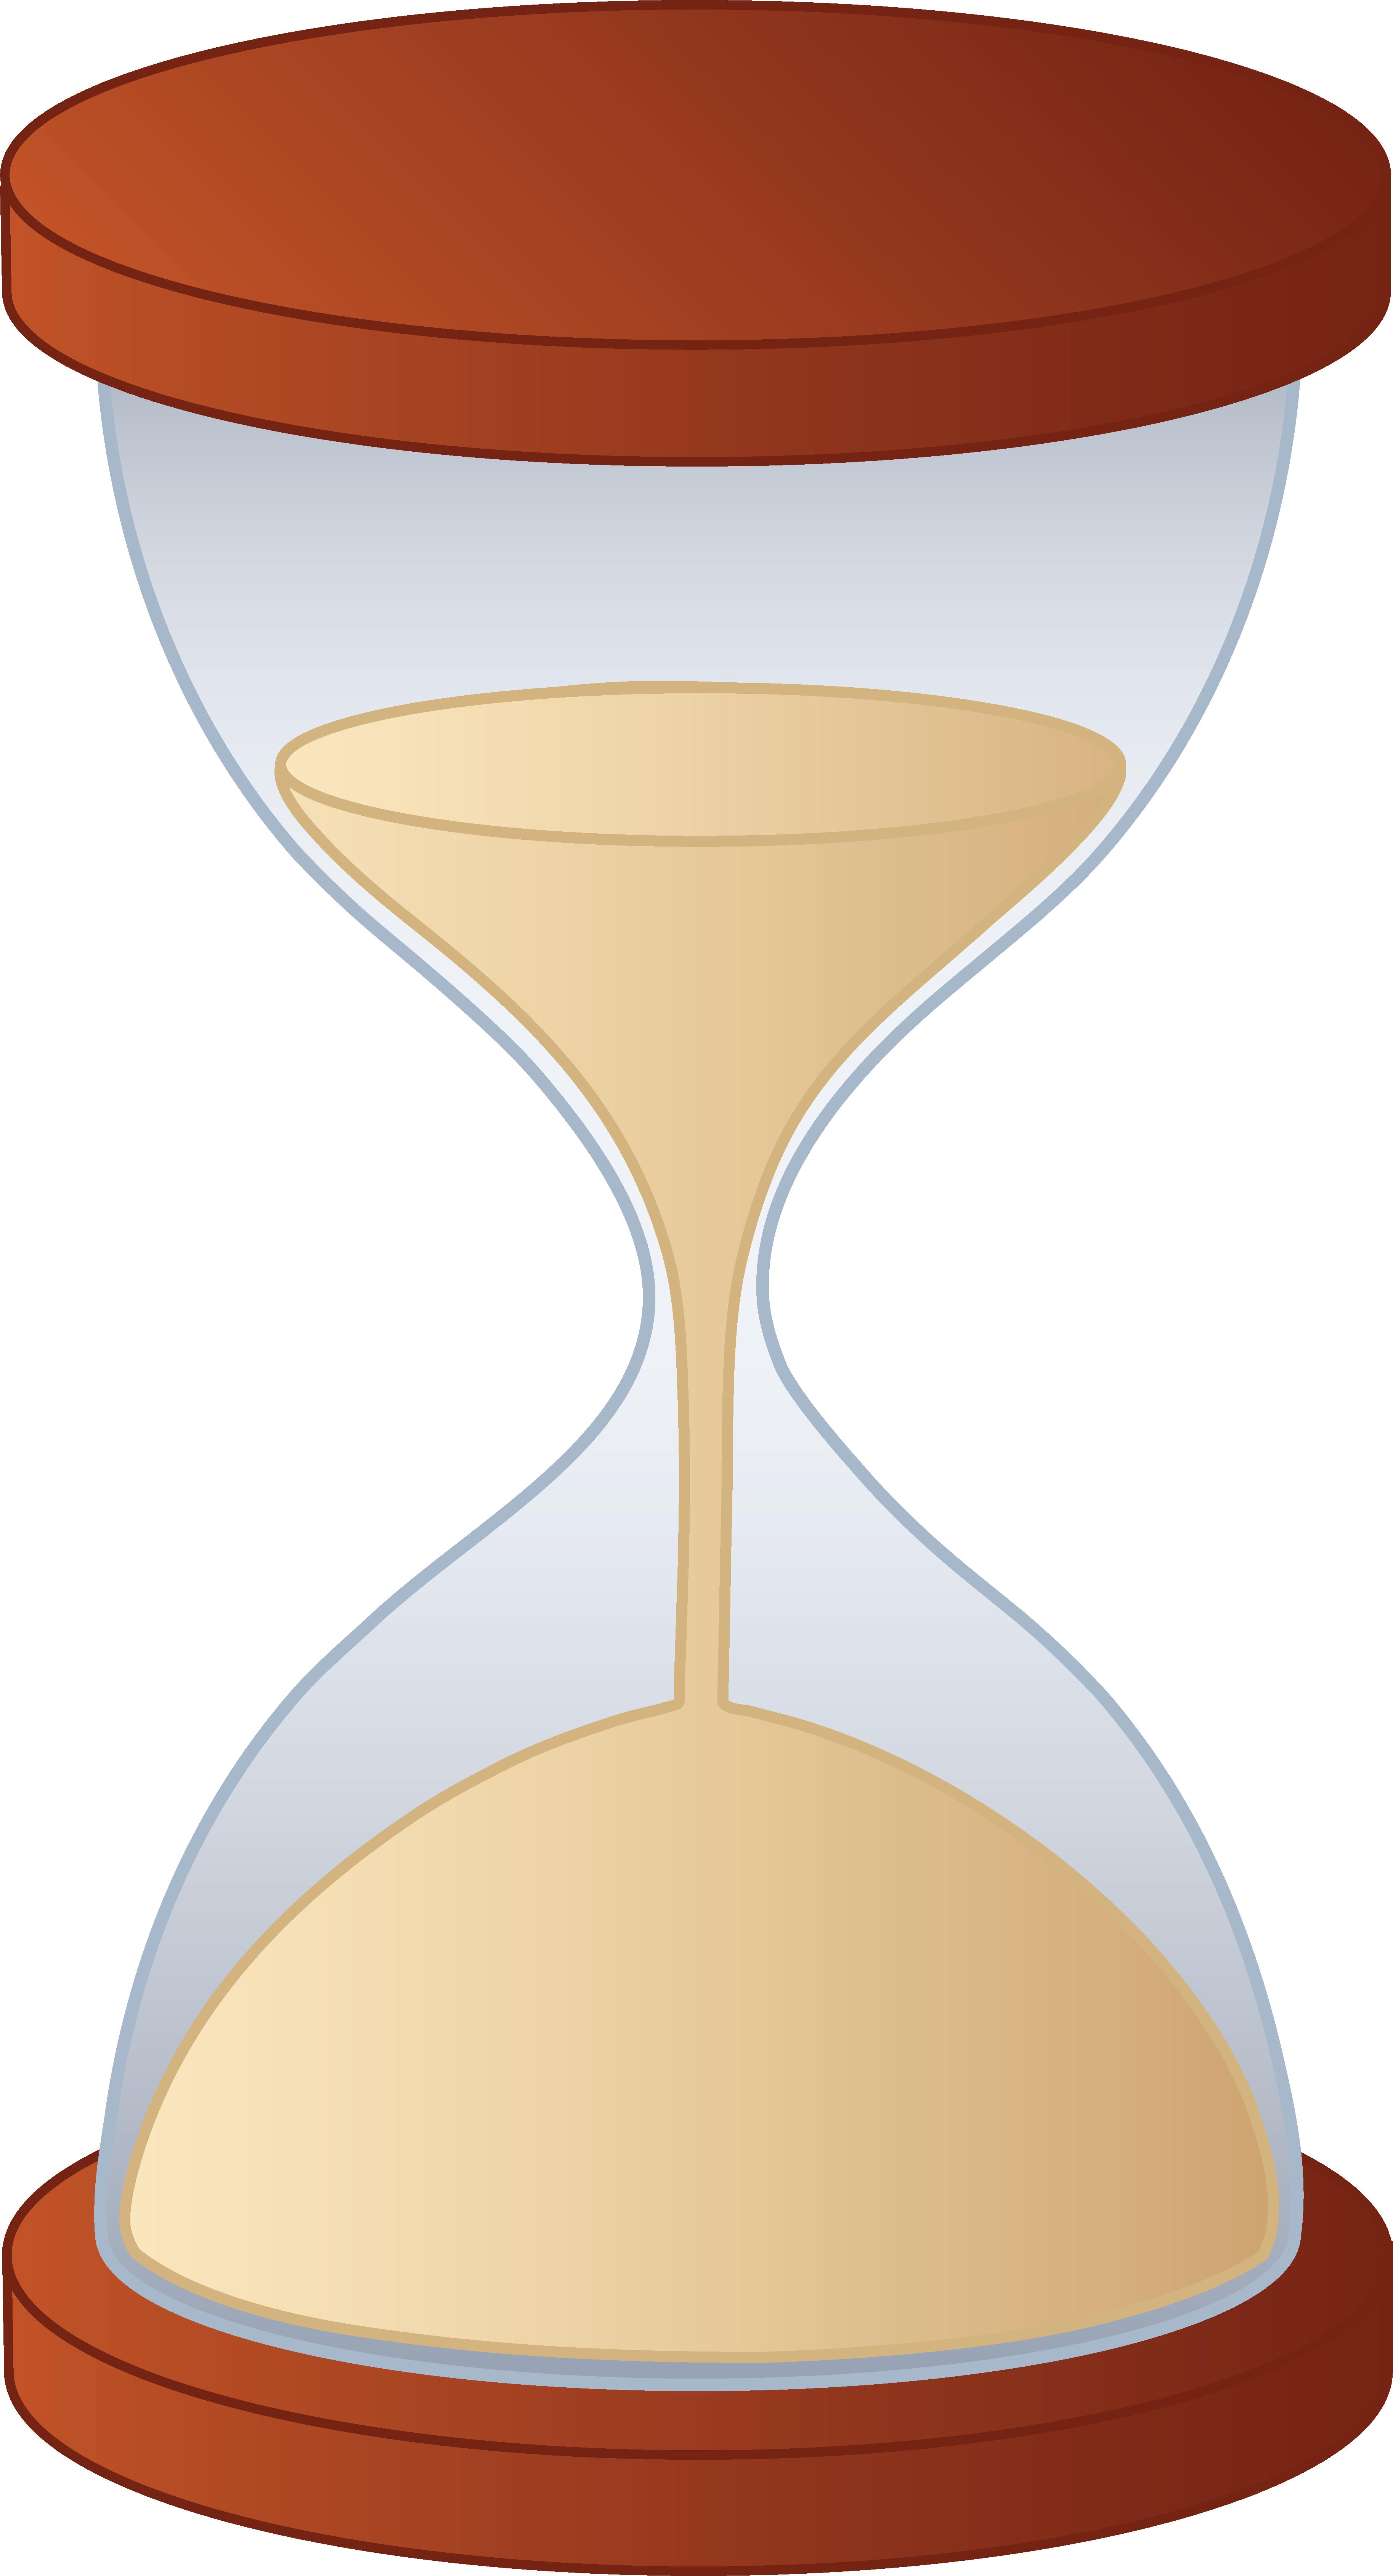 Sand clock clip art. Stopwatch clipart gambar